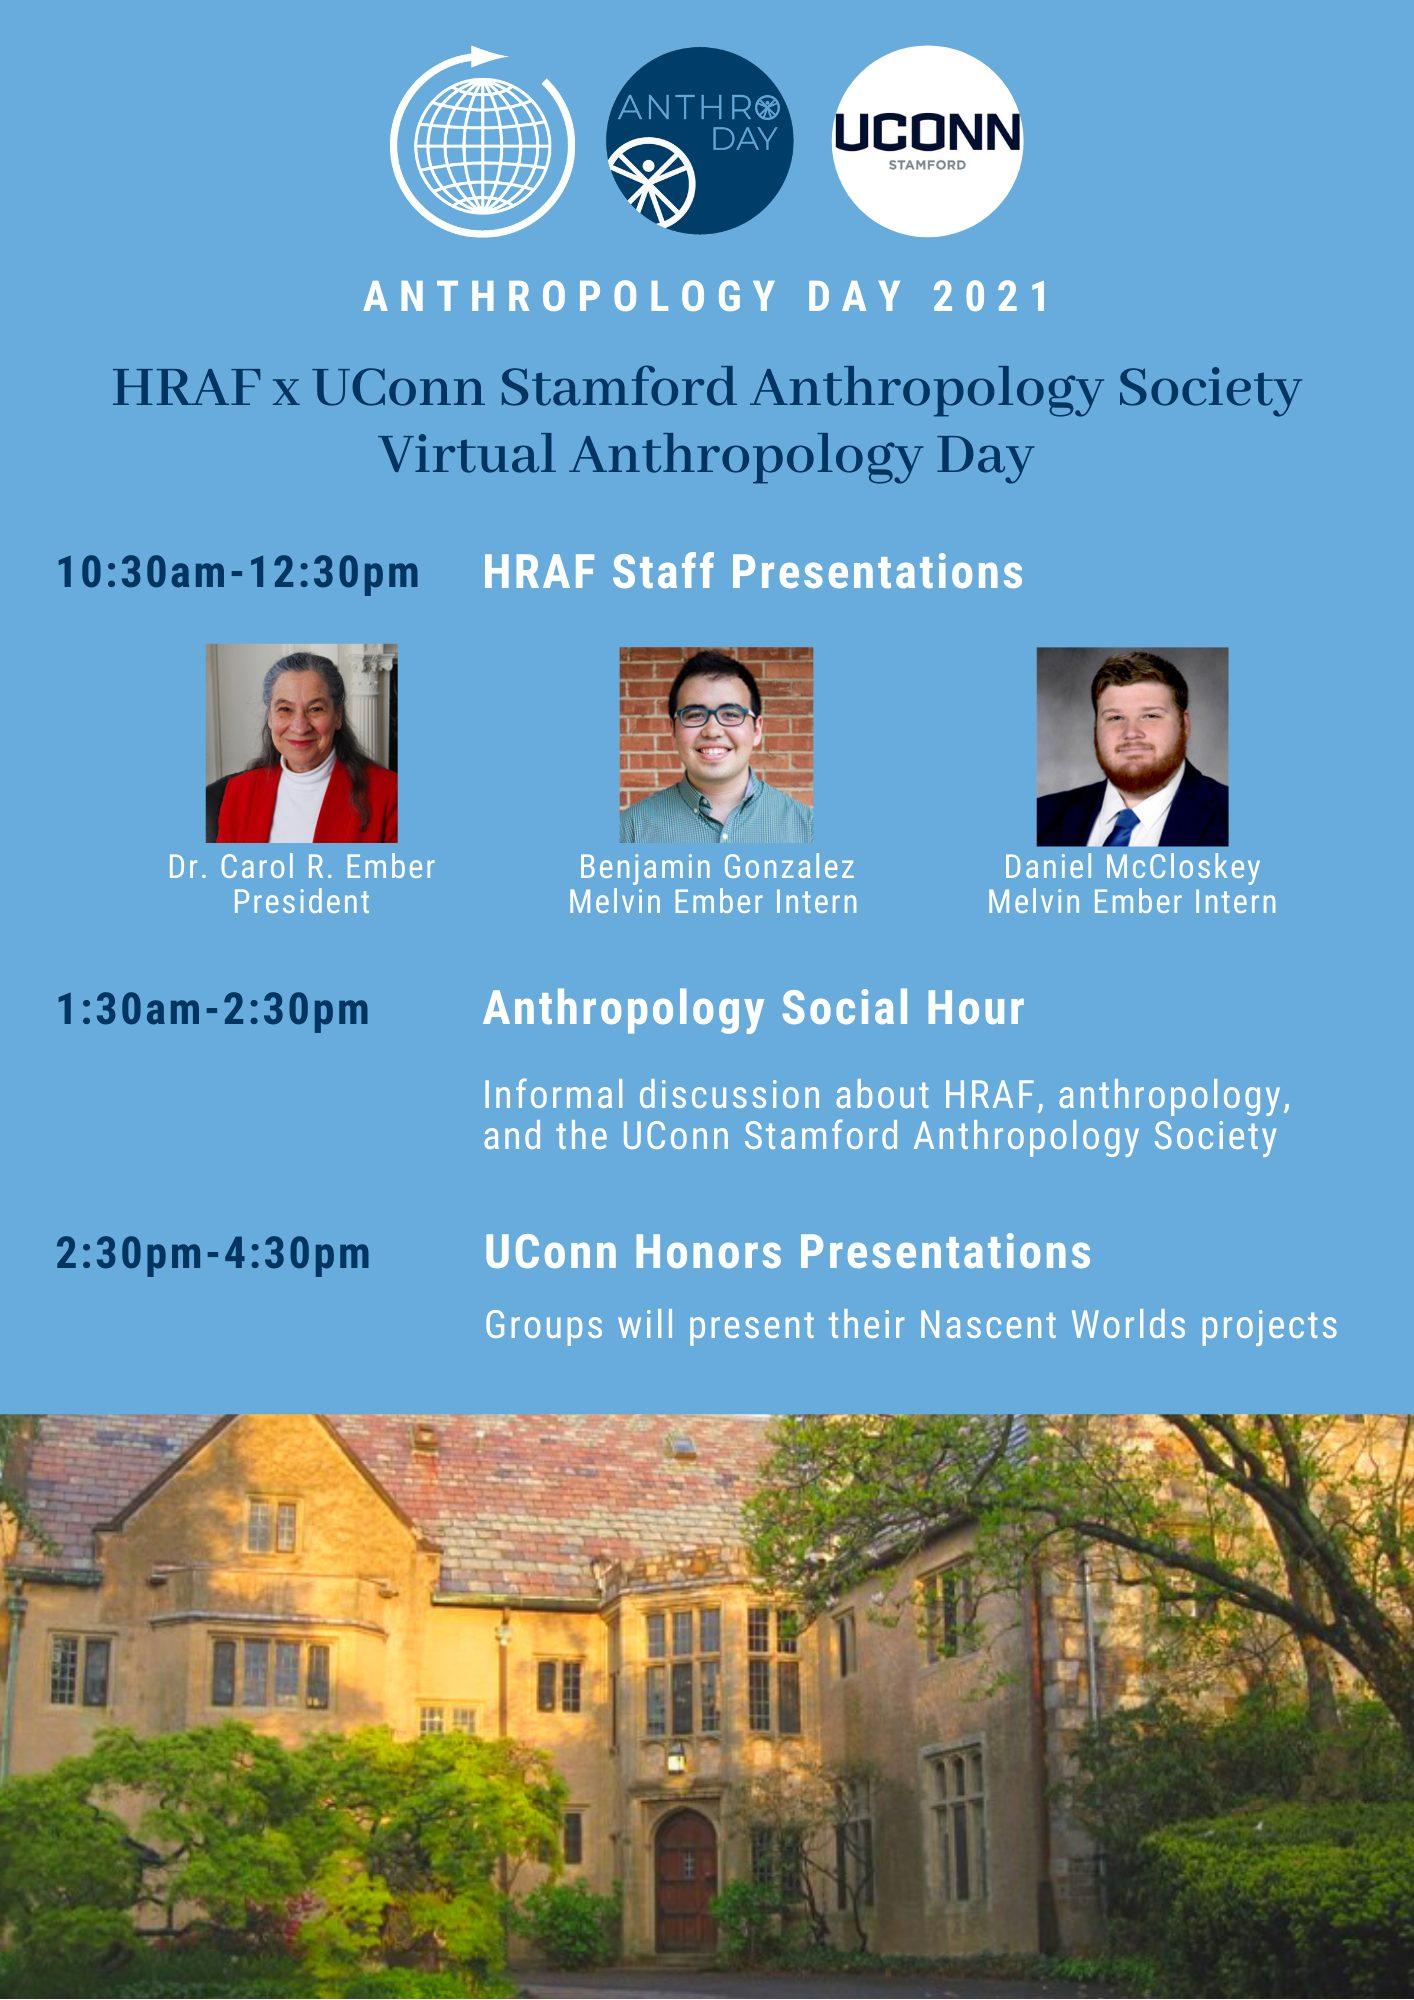 HRAF x UConn Anthro Day